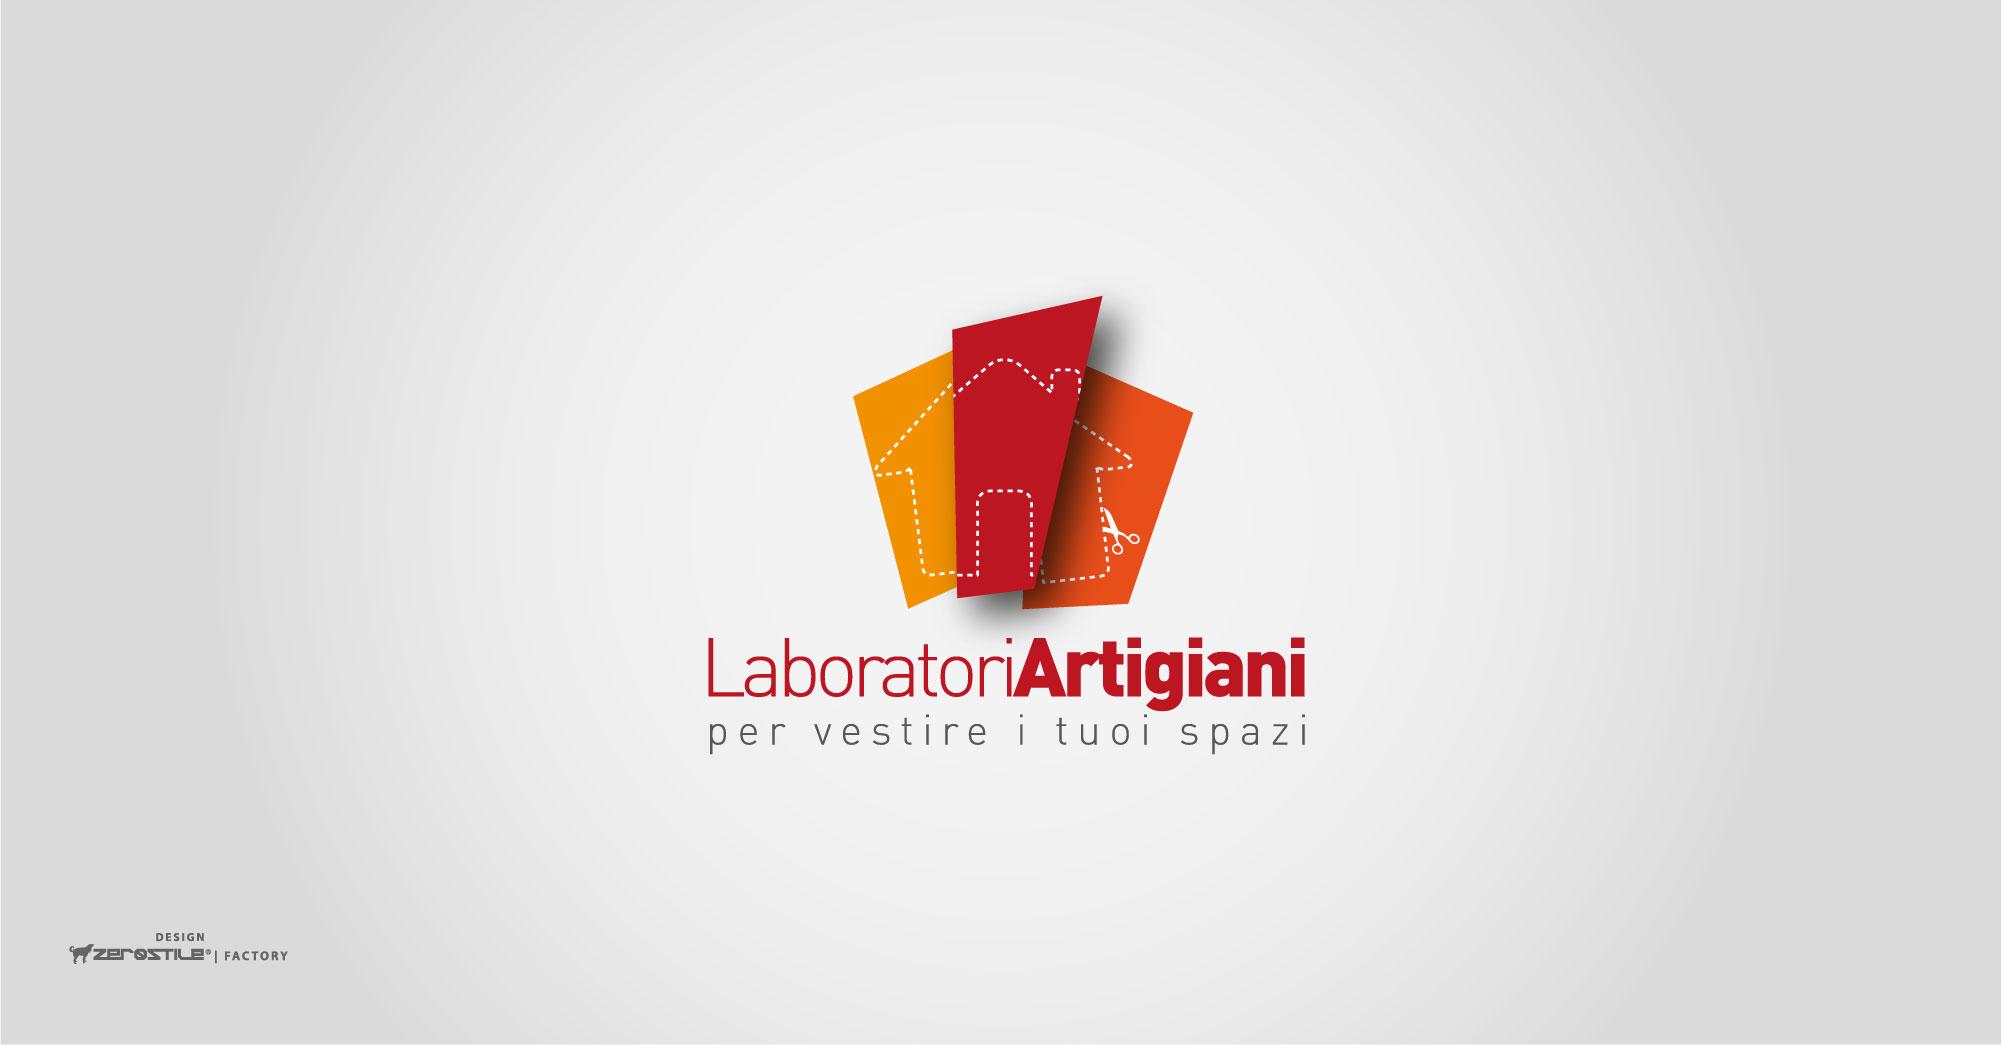 Logo_Laboratorio artigiani_Porfolio Gallery